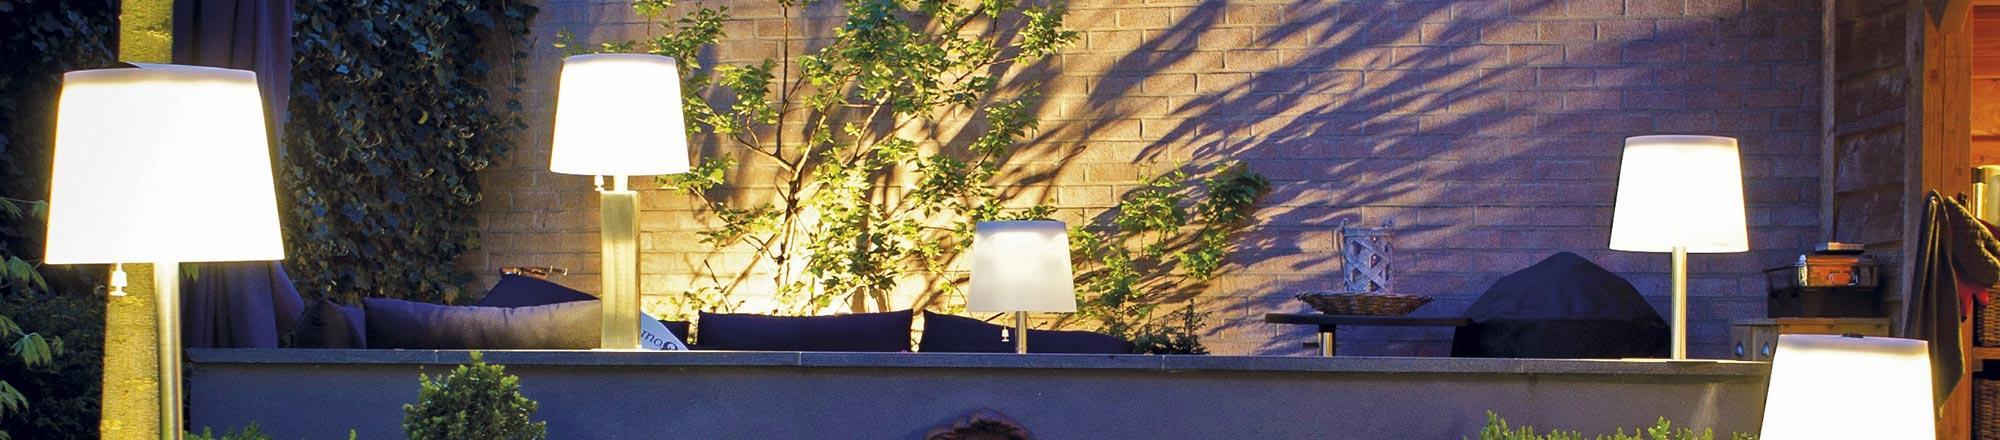 Tuinverlichting kiezen en aanleggen